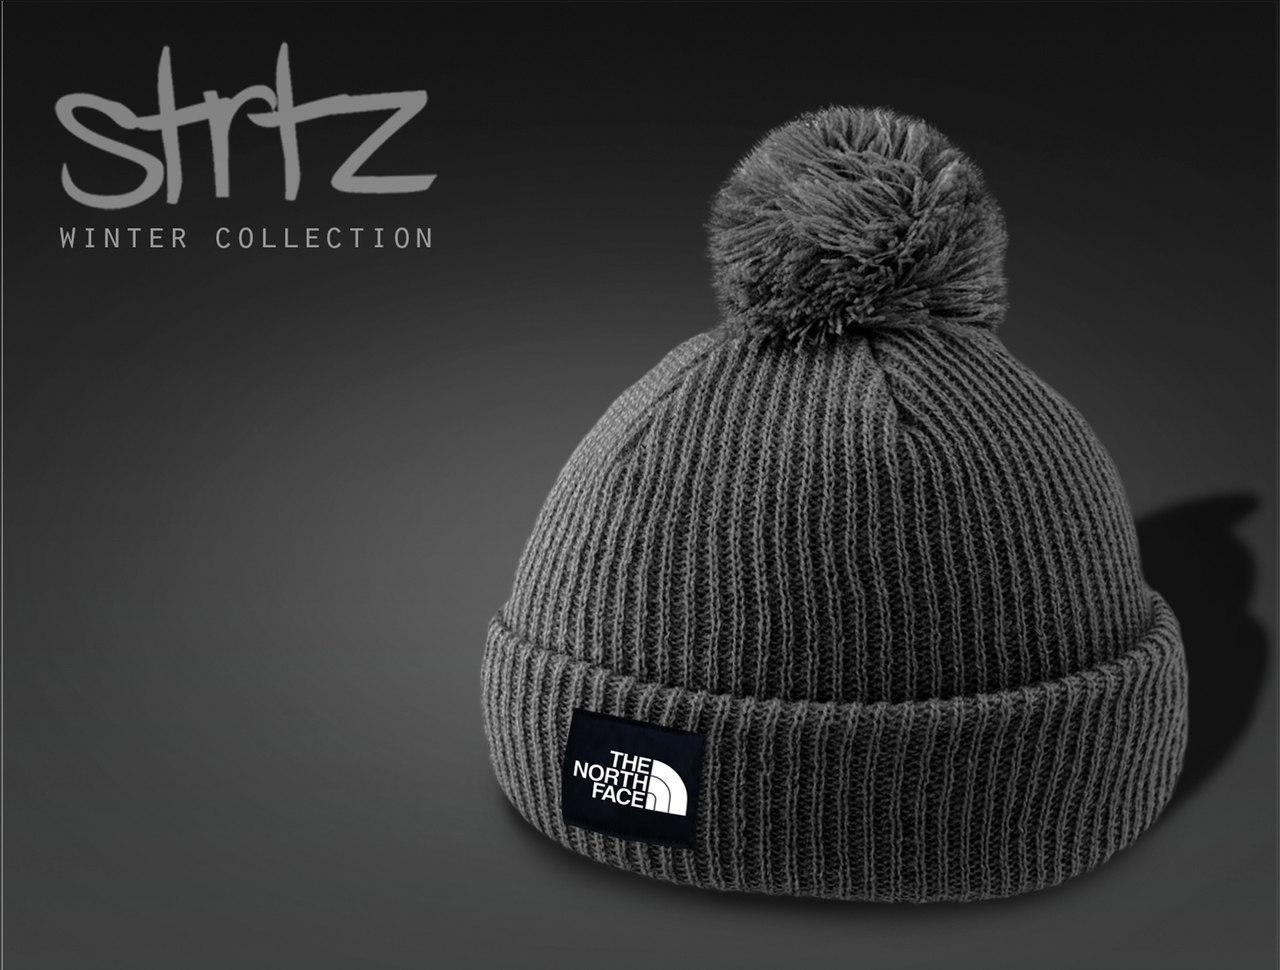 Теплая шапка на зиму с помпоном/бубоном The North Face